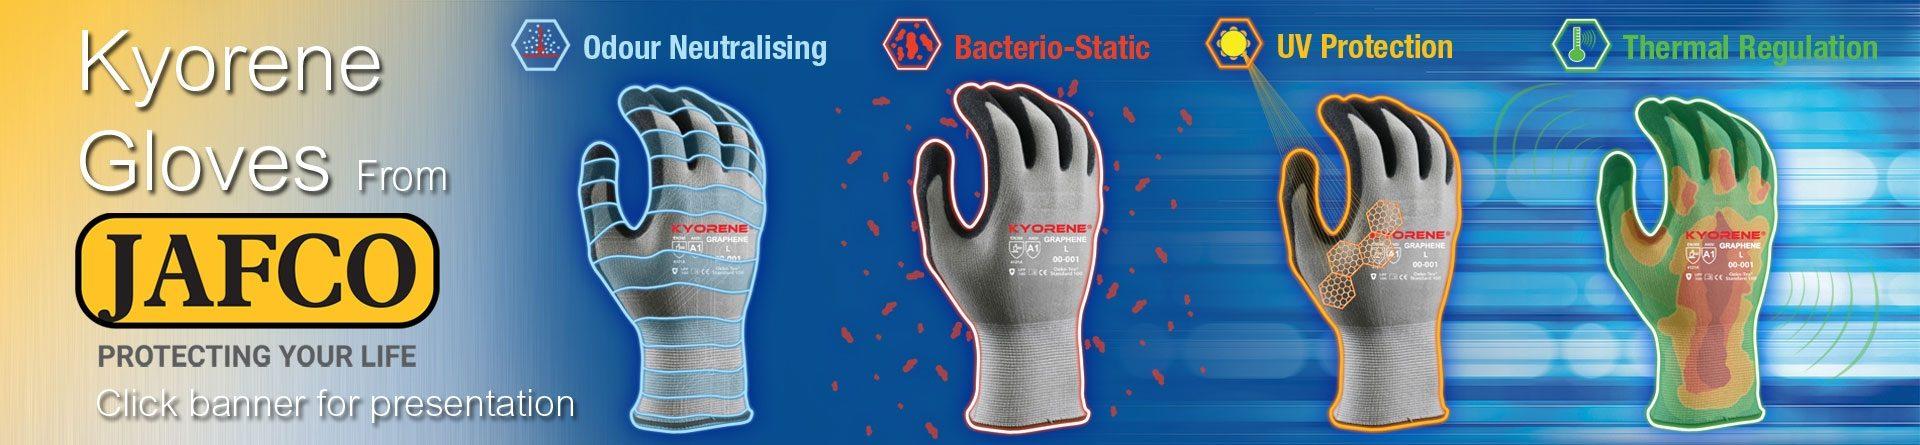 Jafco Kyorene Gloves